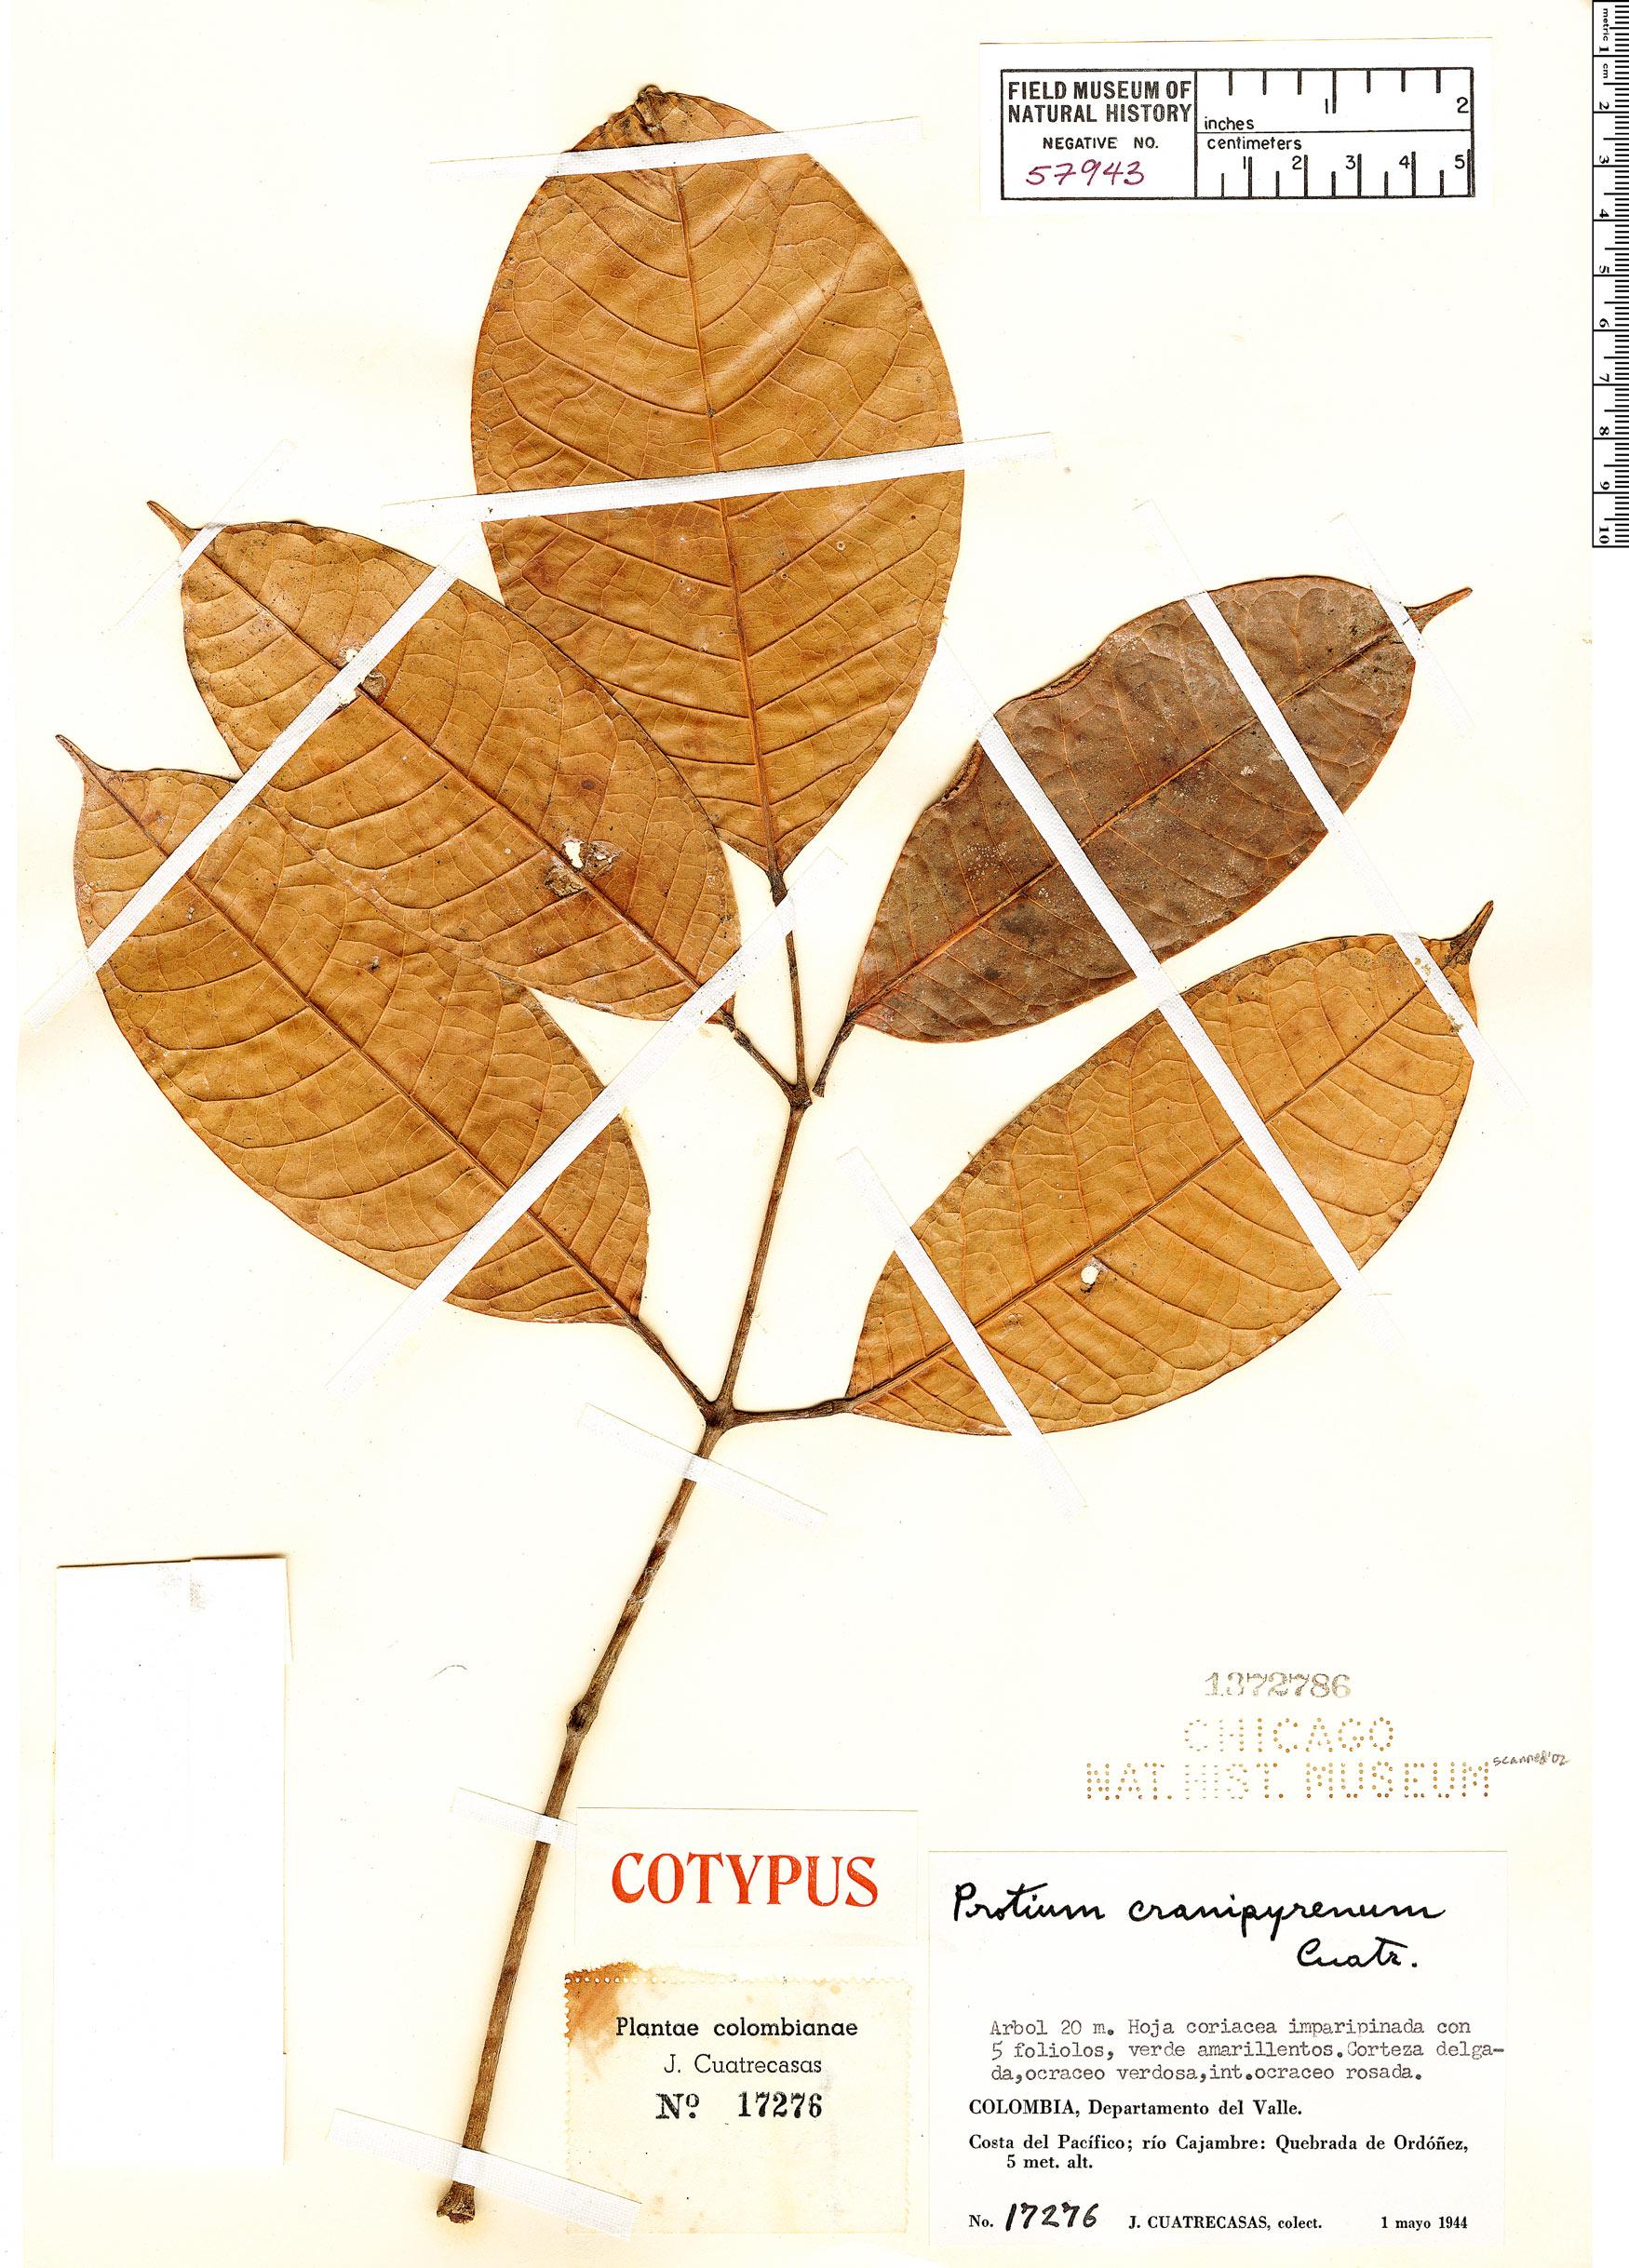 Specimen: Protium cranipyrenum